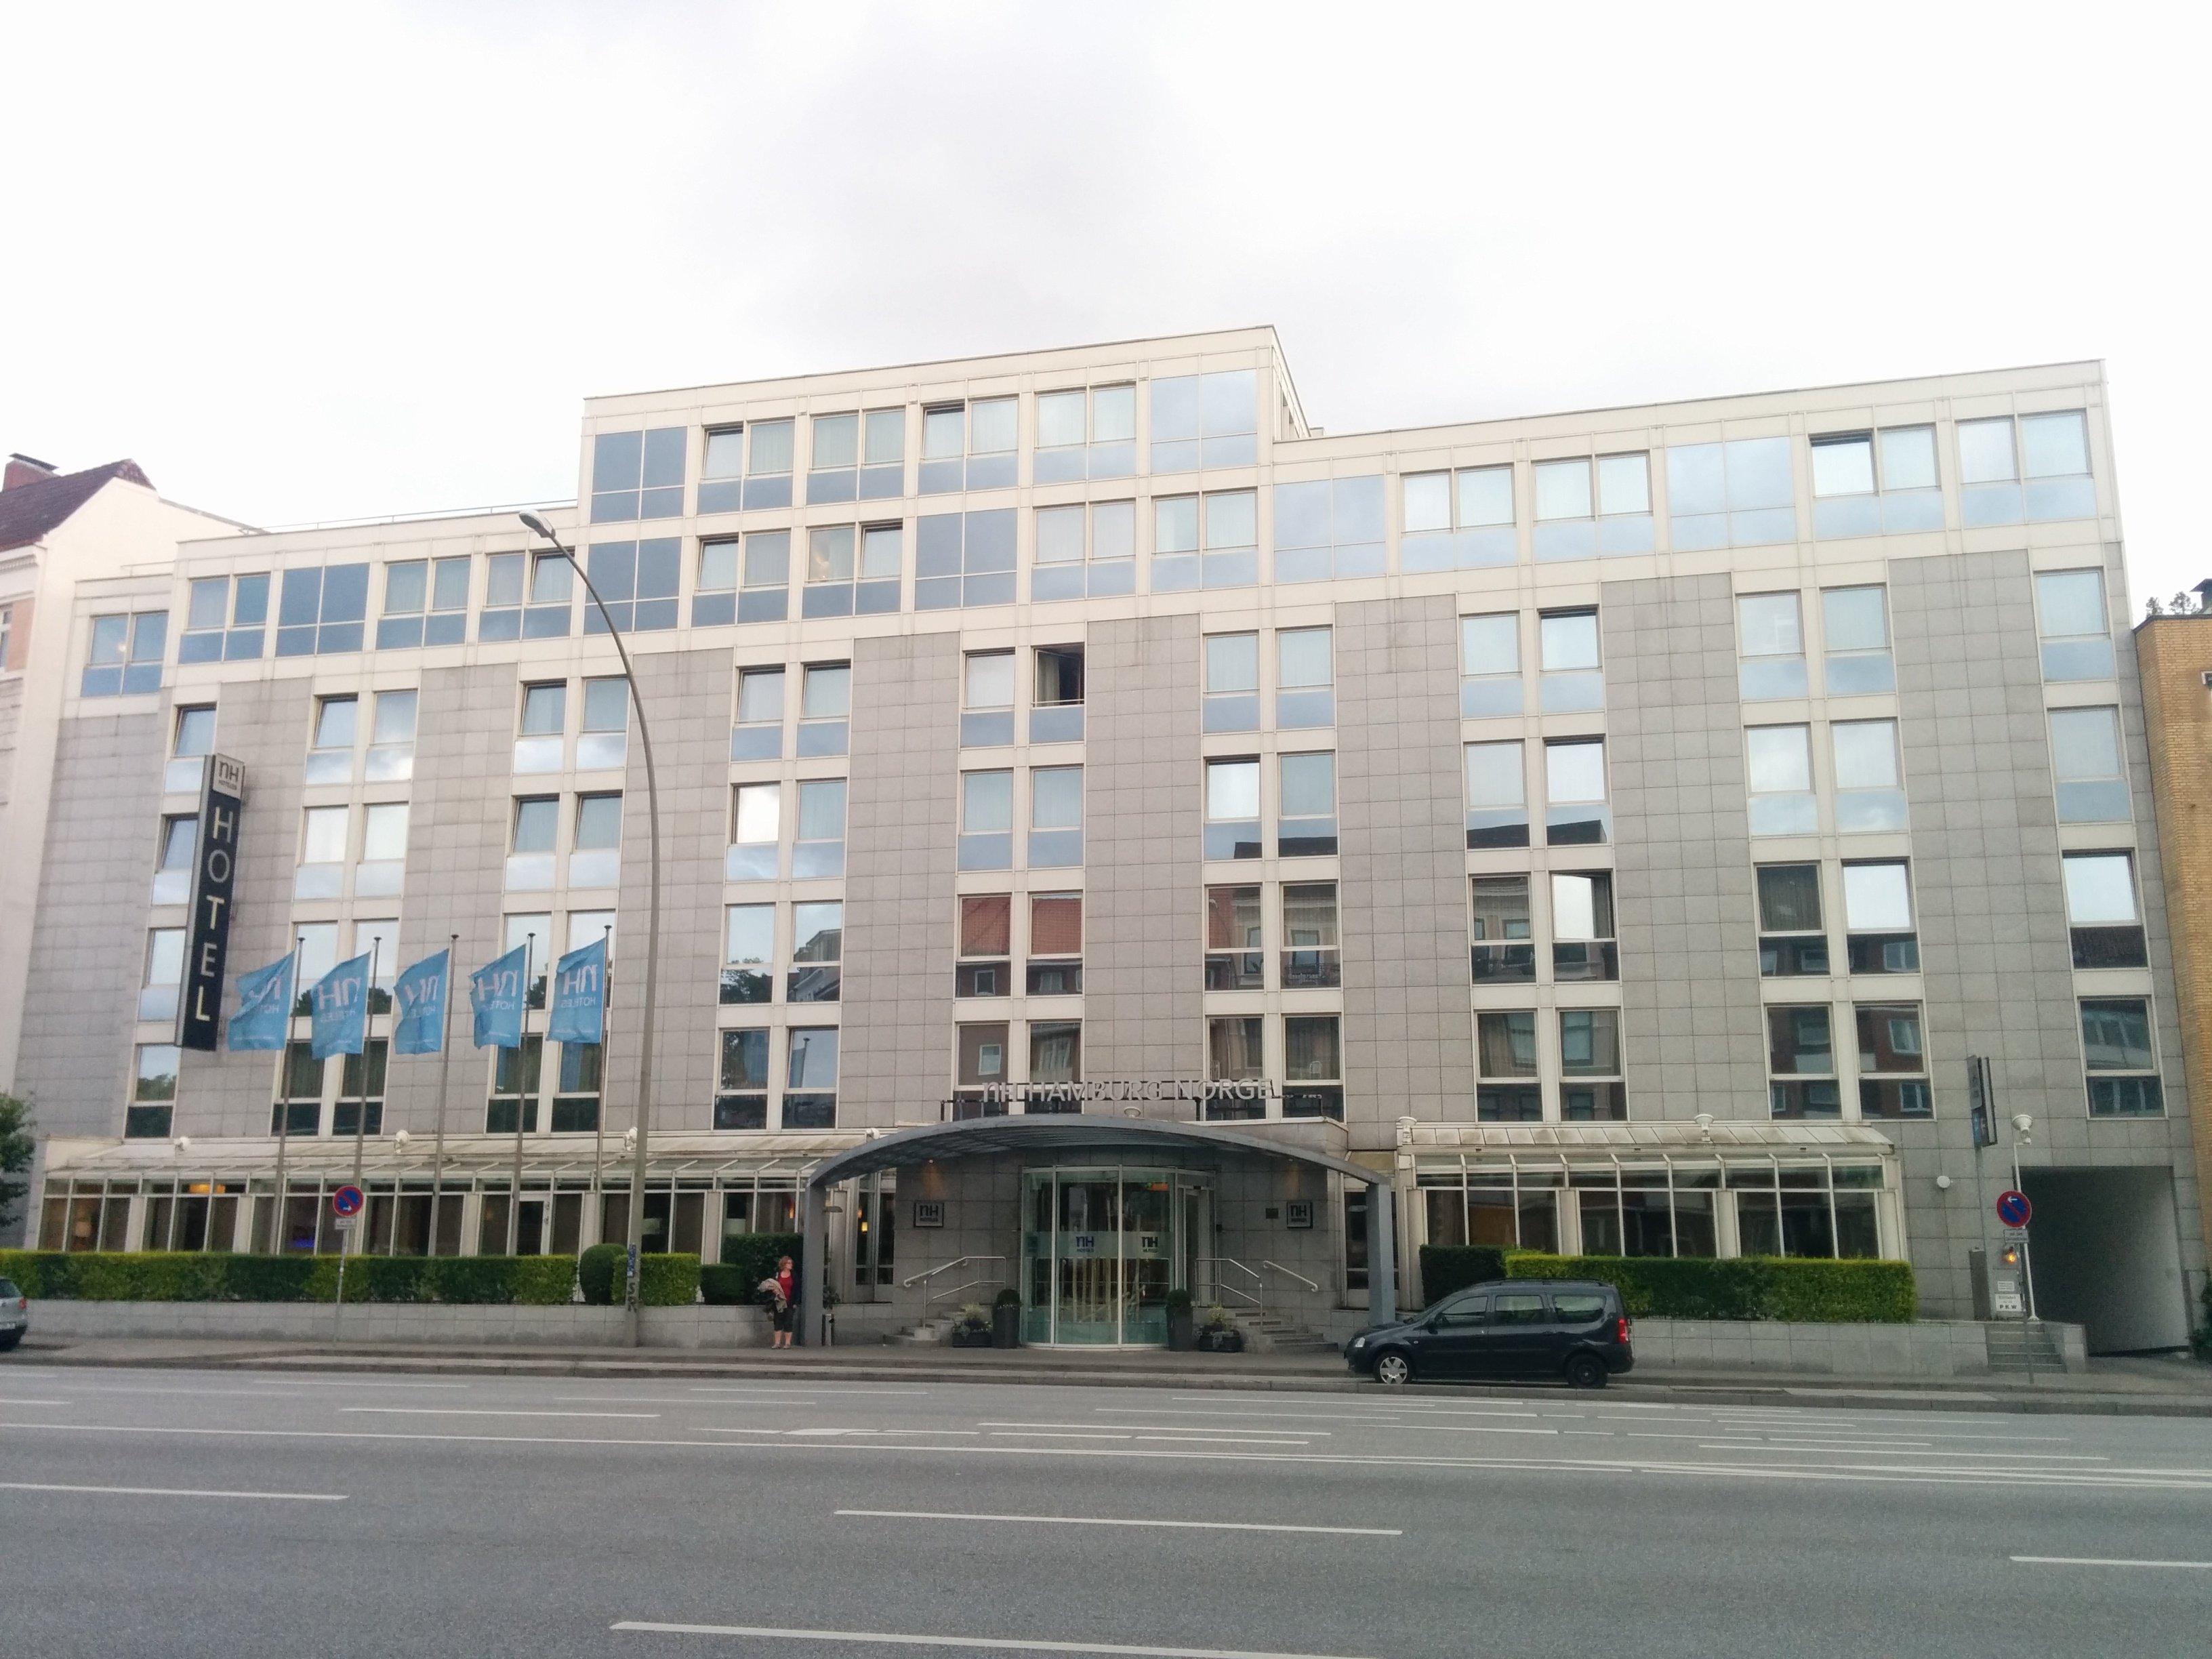 Außenansicht des NH Hotel Hamburg Mitte von der gegenüberliegenden Strassenseite